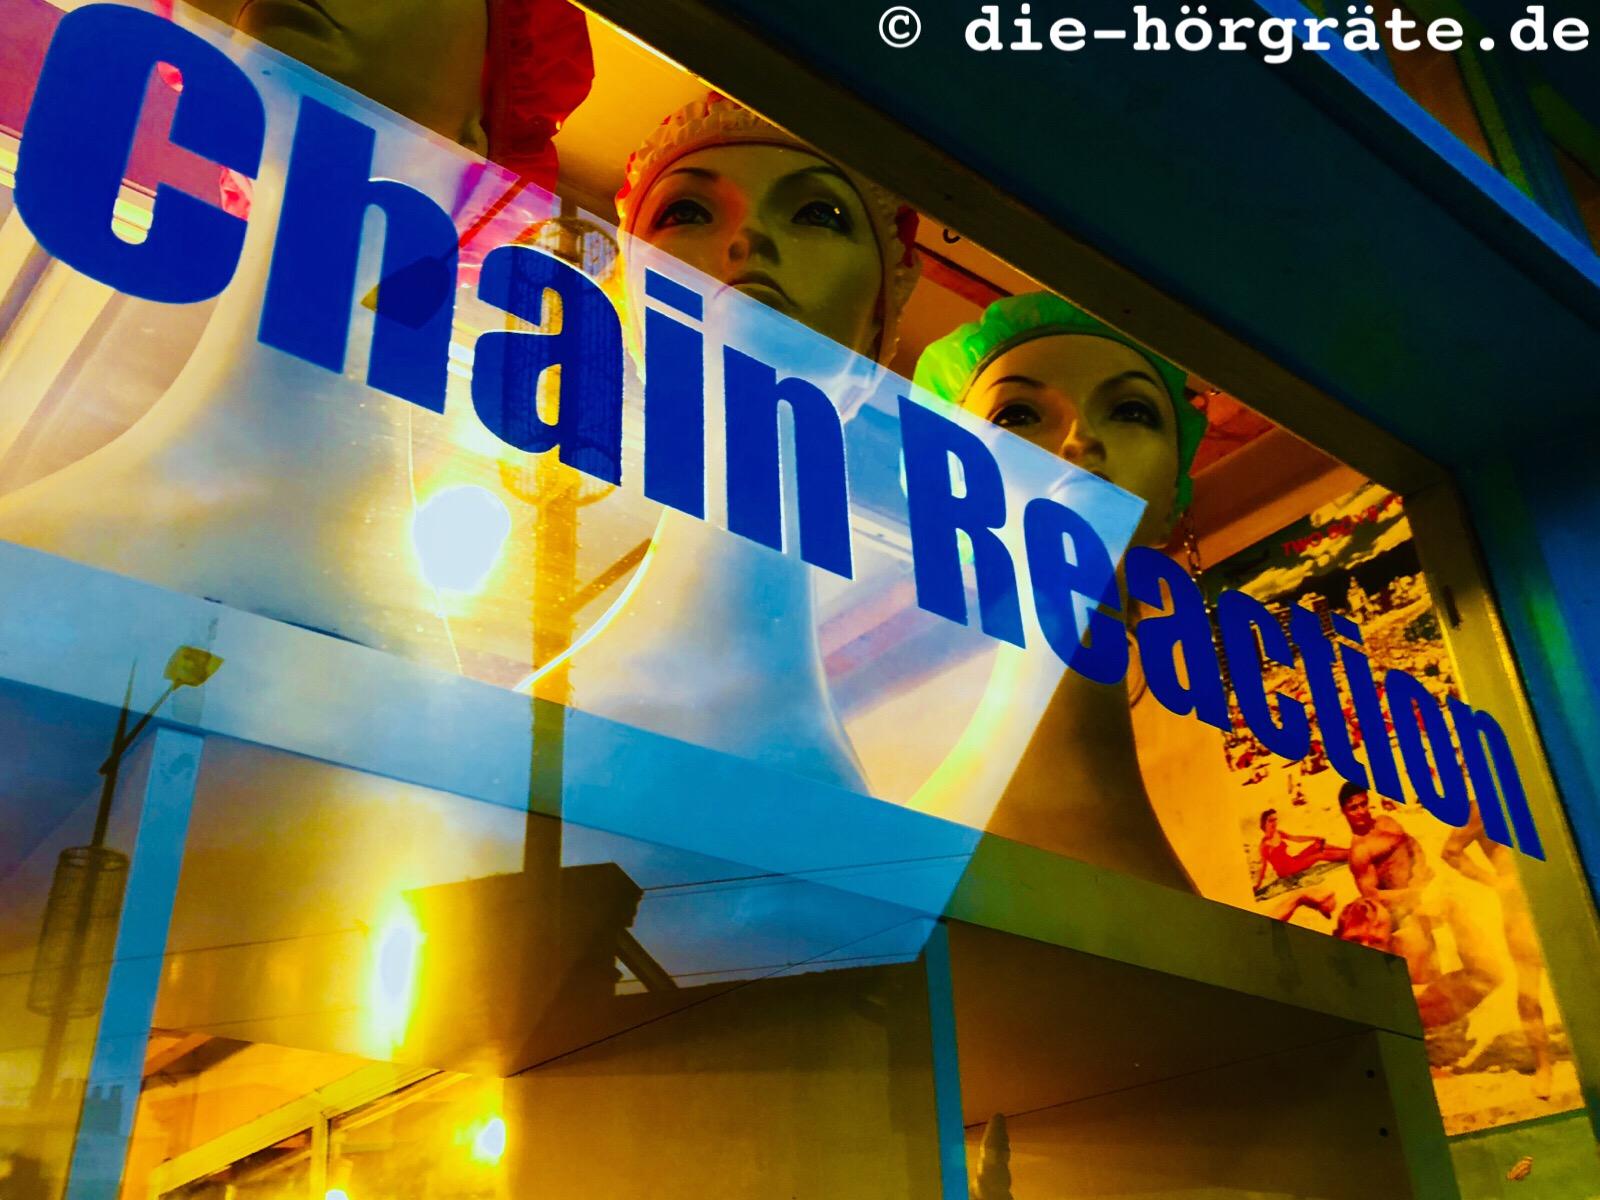 Blick in ein Schaufenster, in dem sich Licht spiegelt, dahinter stehen drei Kunstköpfe mit weiblichen Gesichtern und farbigen Duschhauben, auf der Fensterscheibe steht in blauen Buchstaben: Chain Reaction